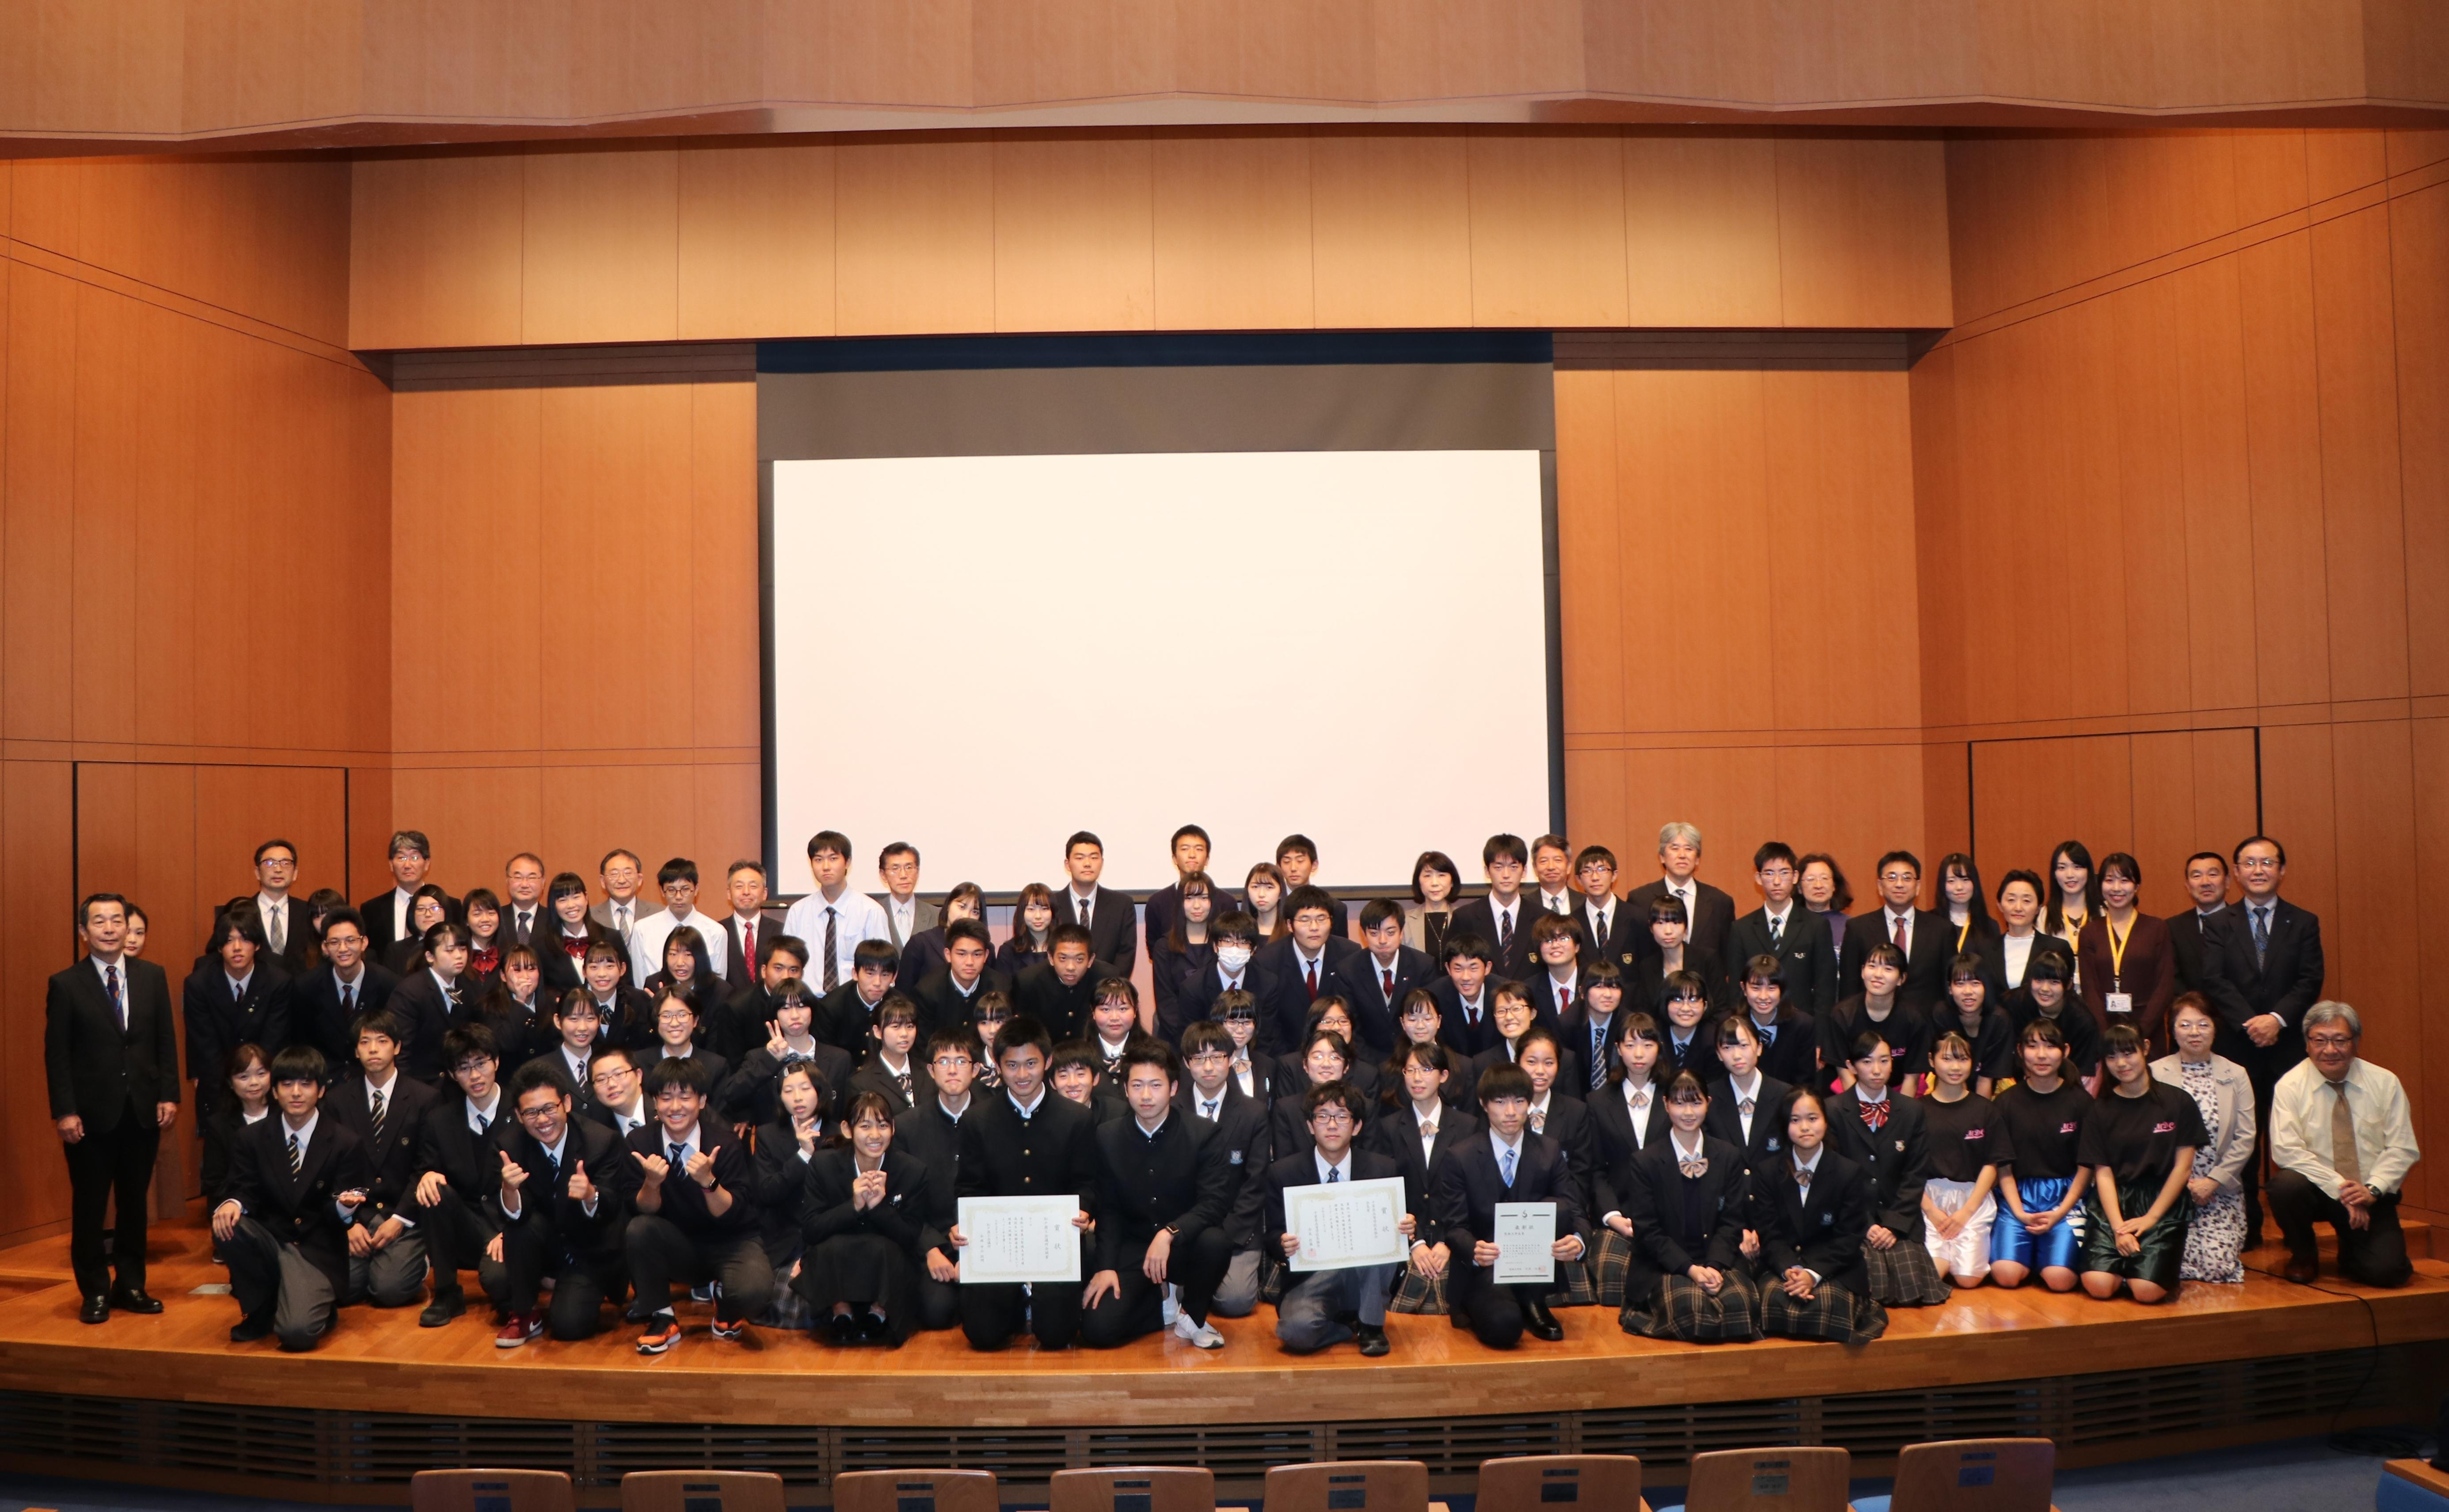 聖徳大学が11月21日に「第5回高校生の体験発表会」をオンライン開催 -- 遠方の高校生の参加も募集